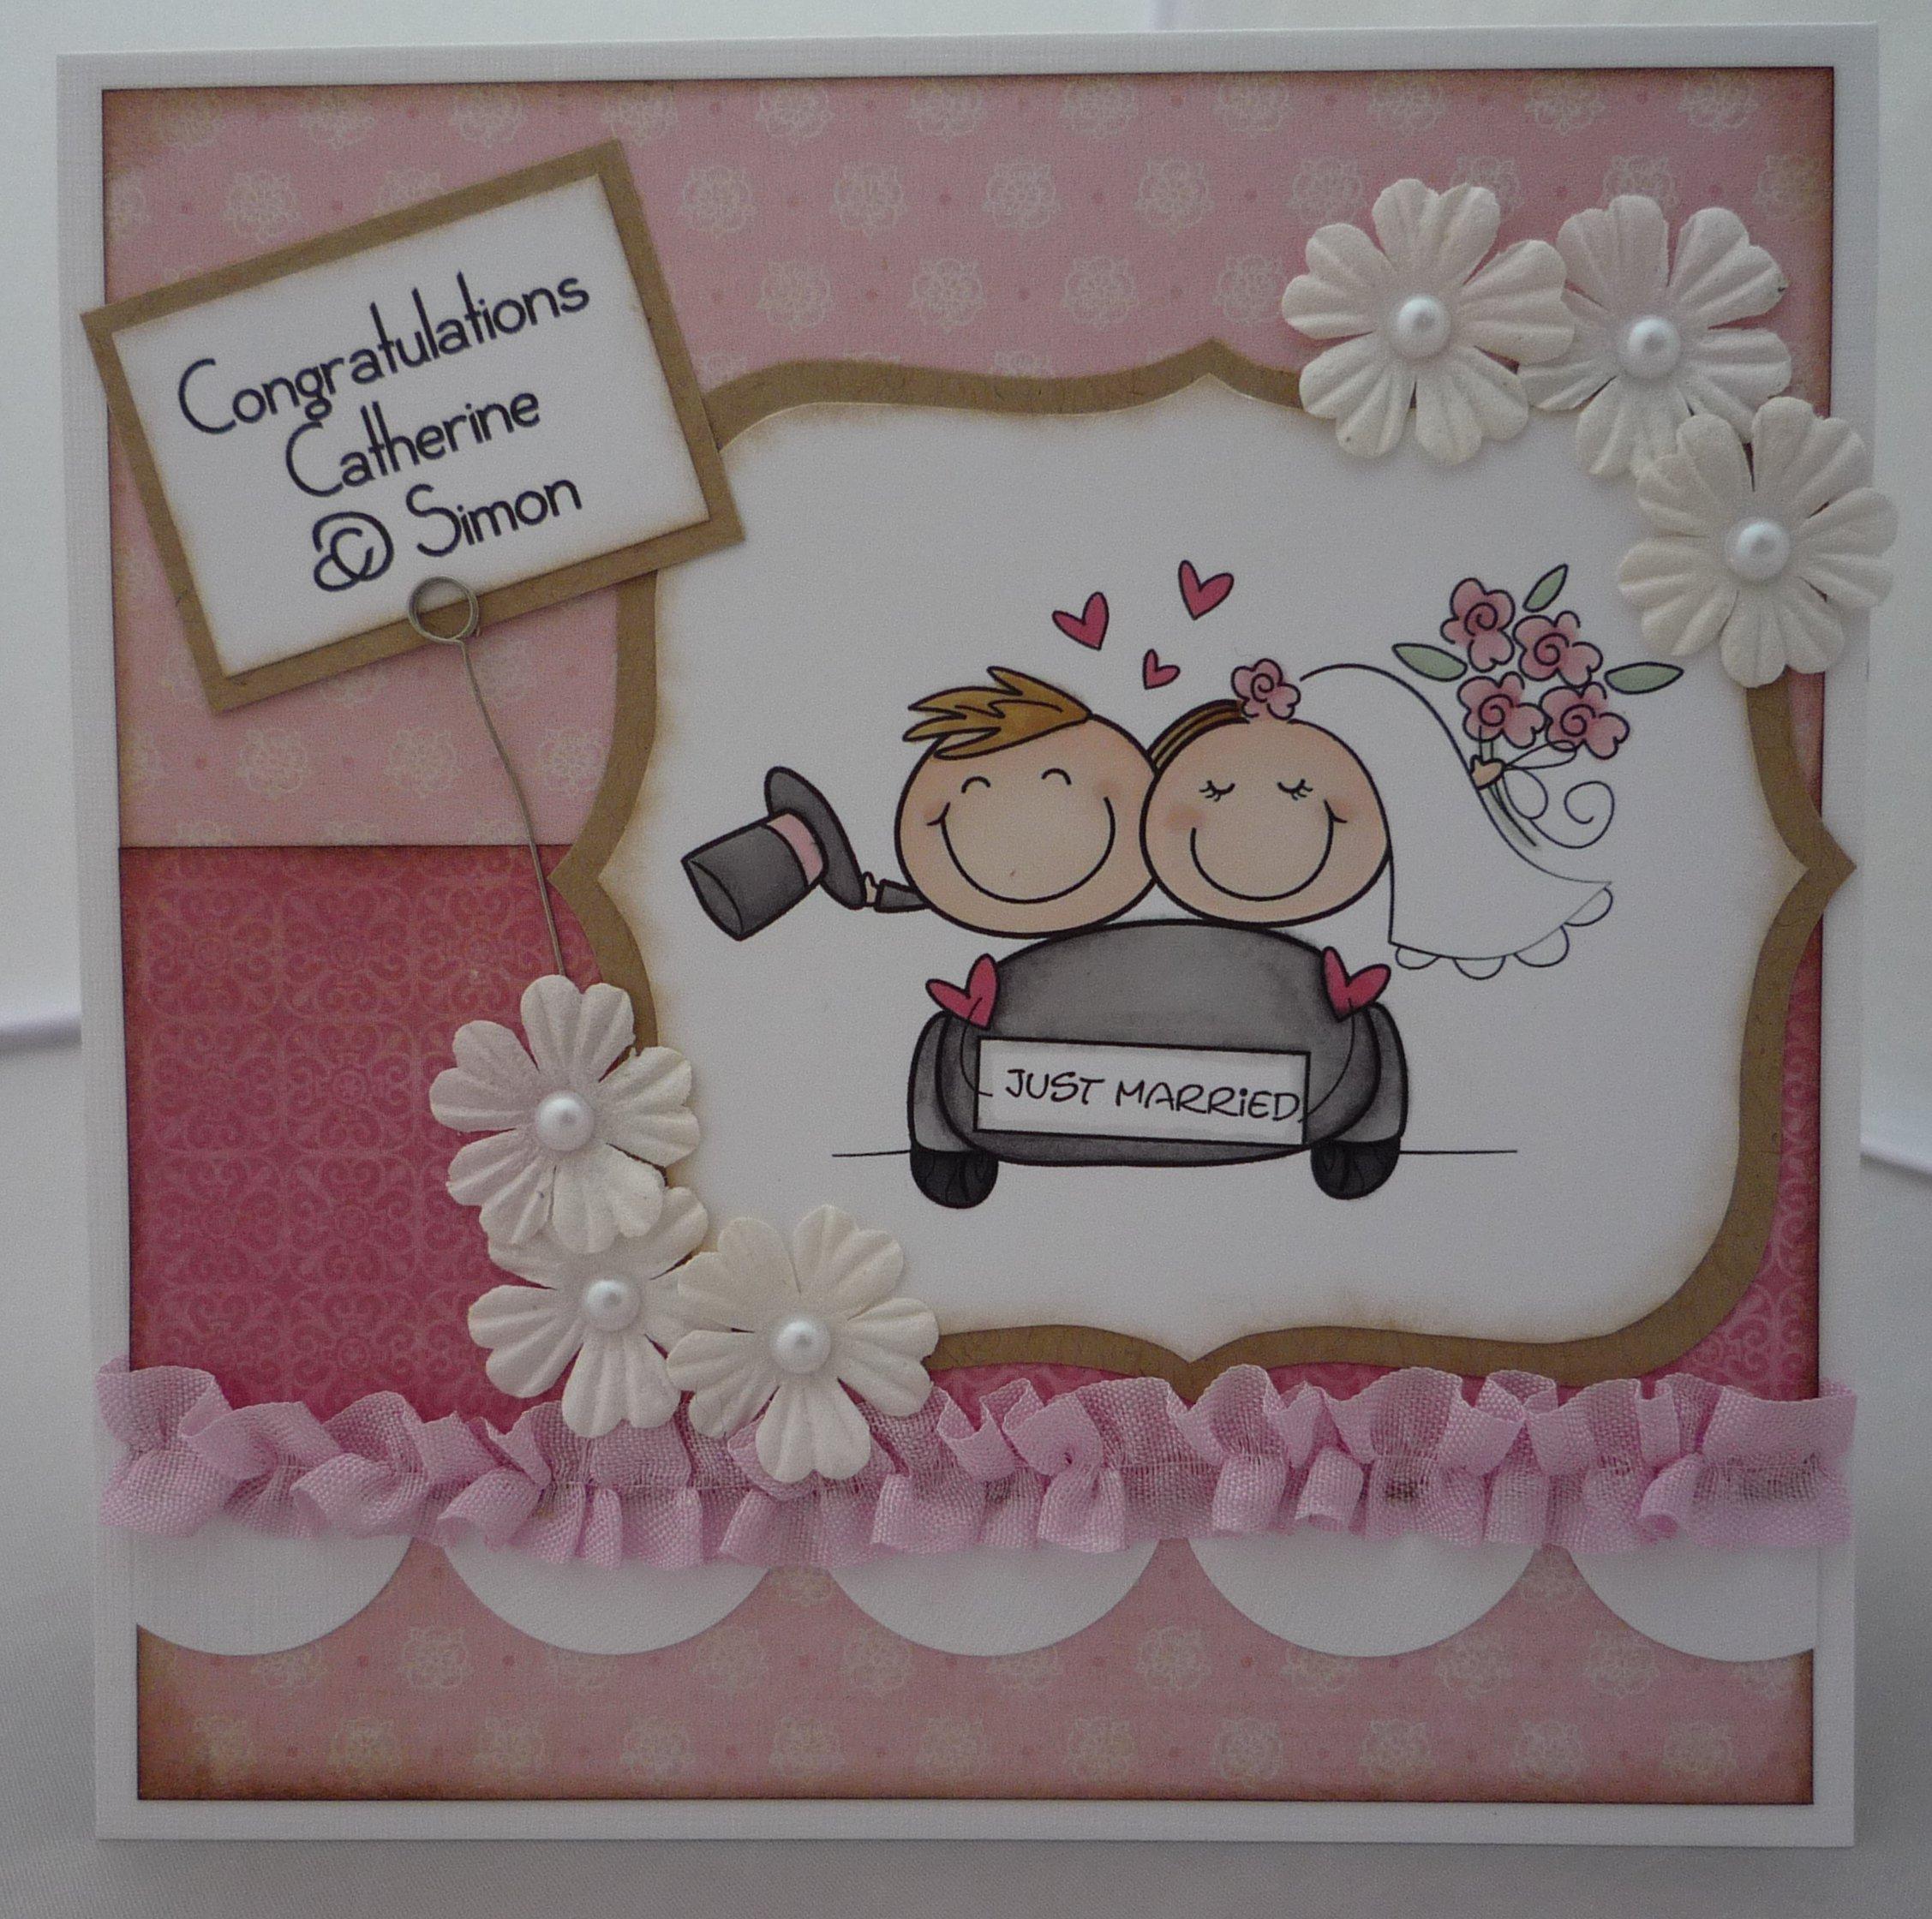 بالصور صور عن عيد الزواج , خلفيات للاحتفال بعيد الزواج 5752 7